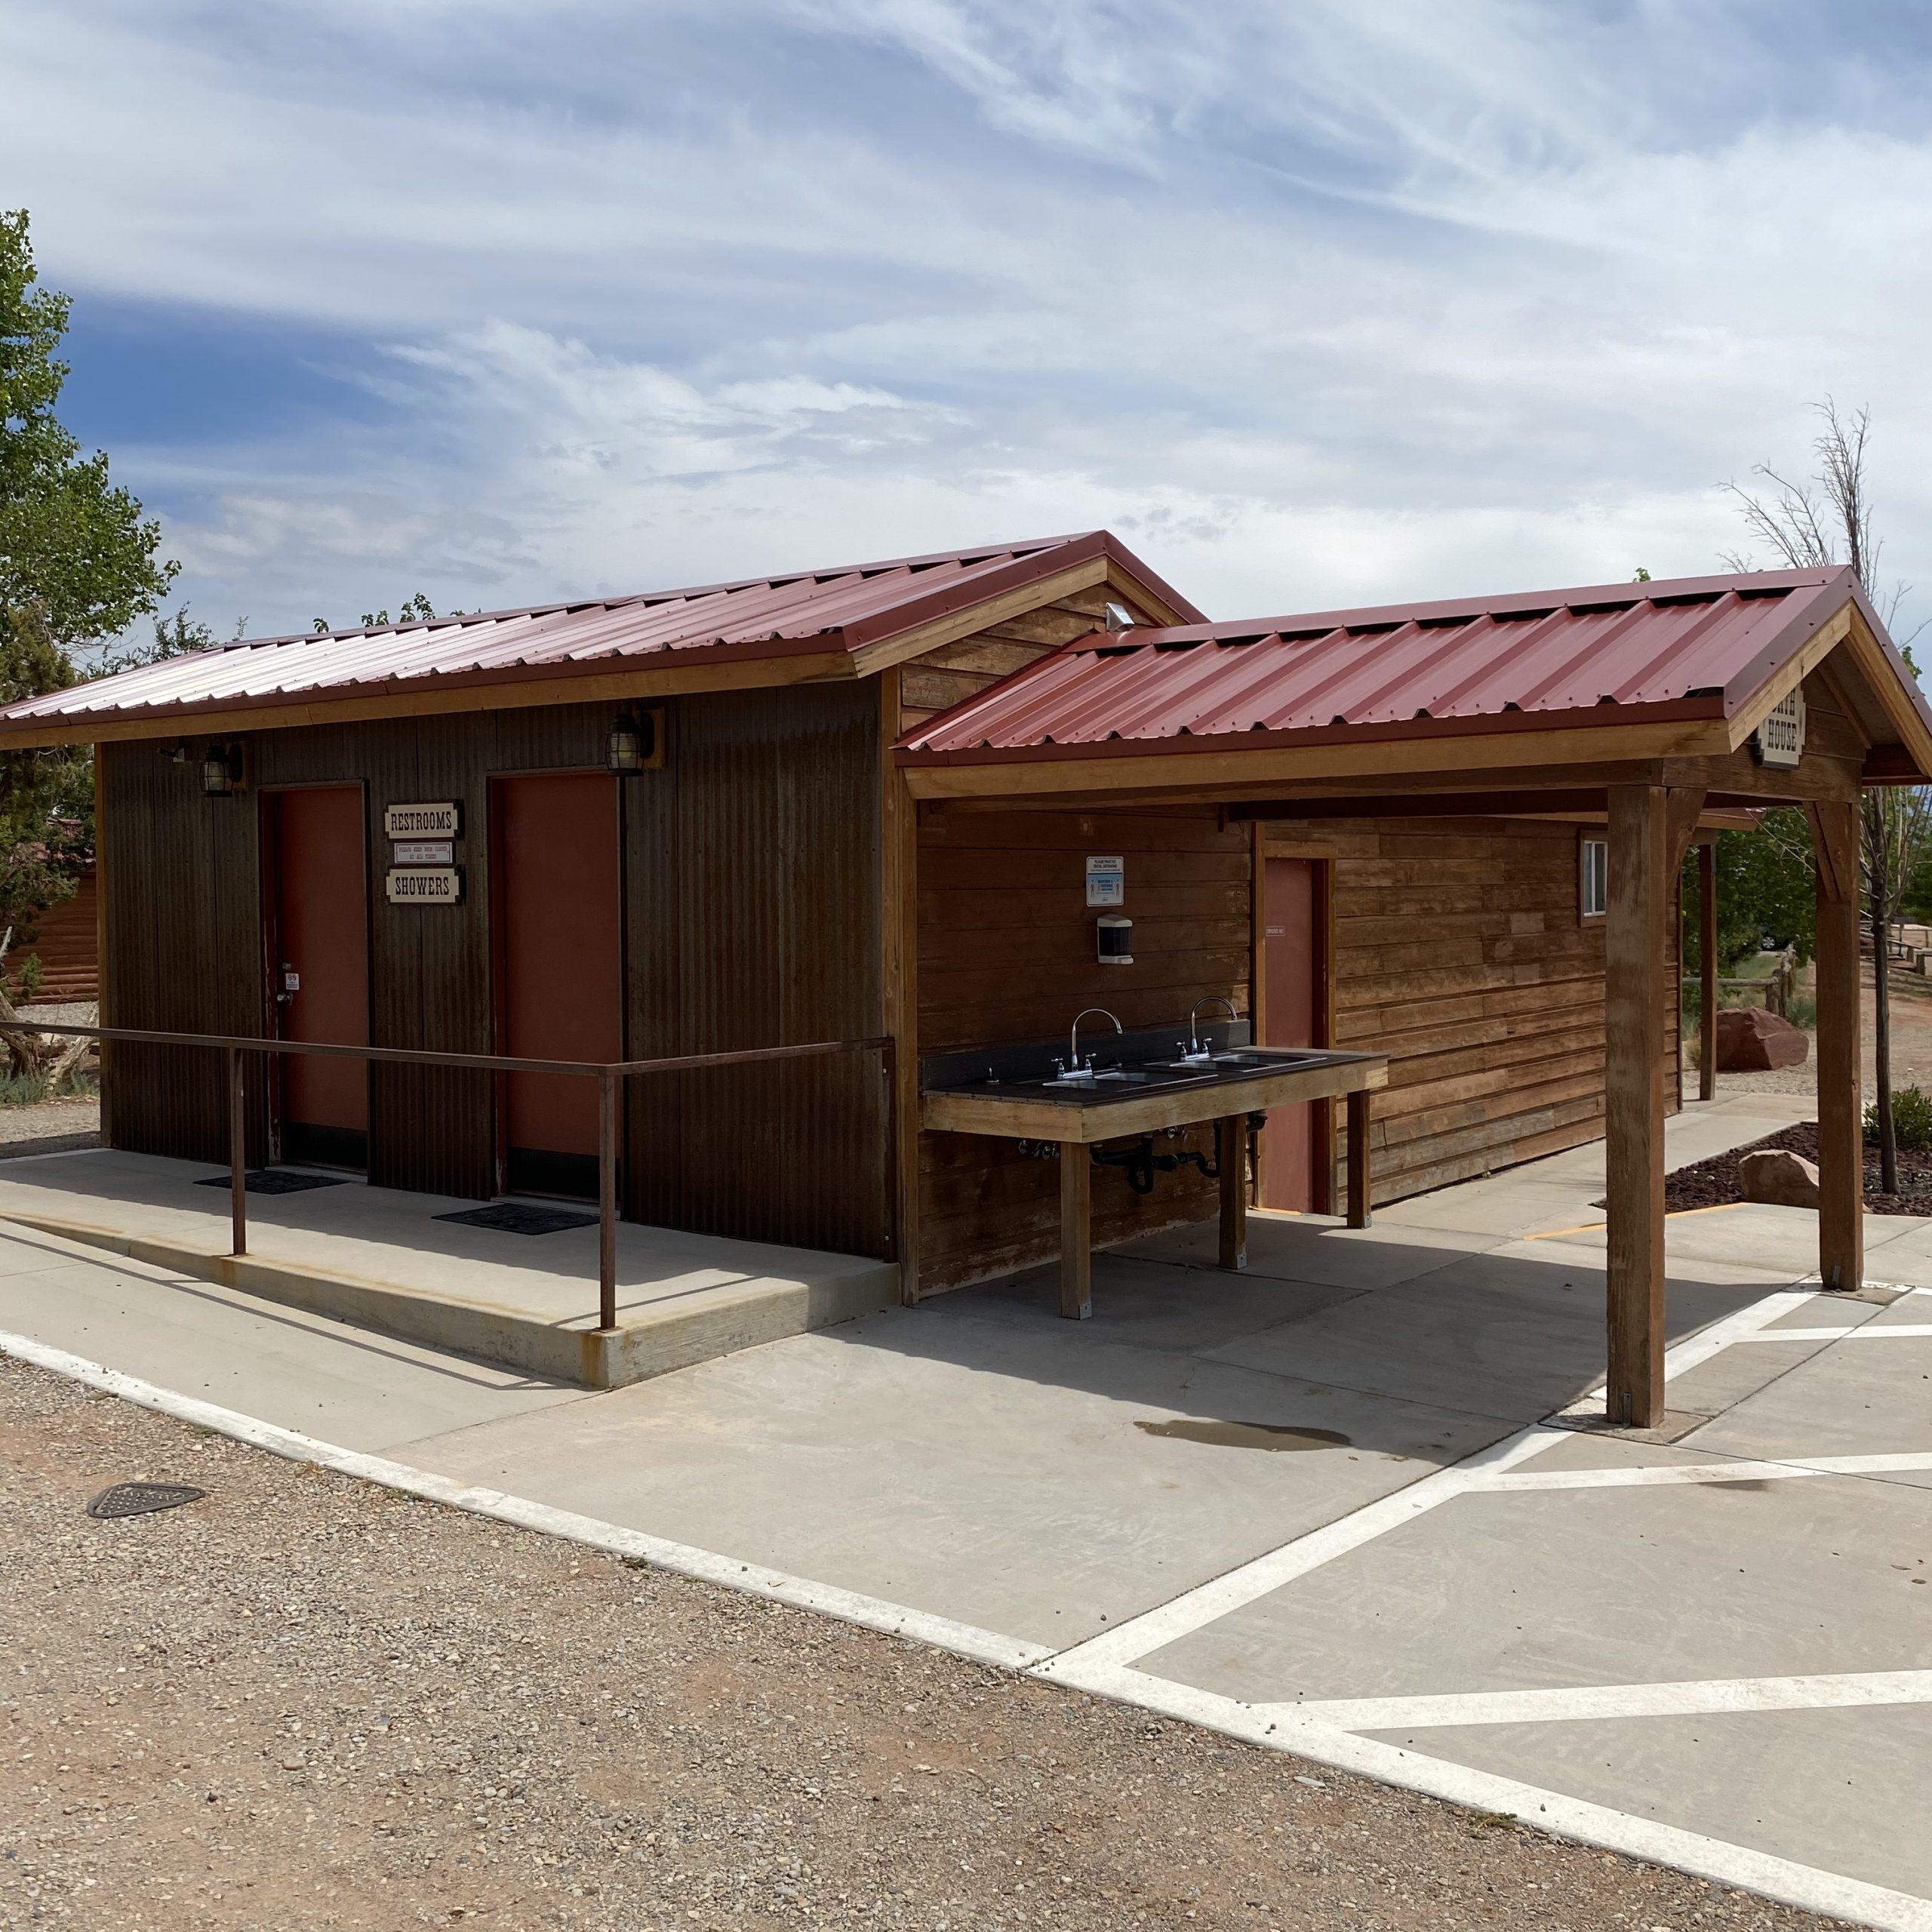 Archview RV Resort & Campground